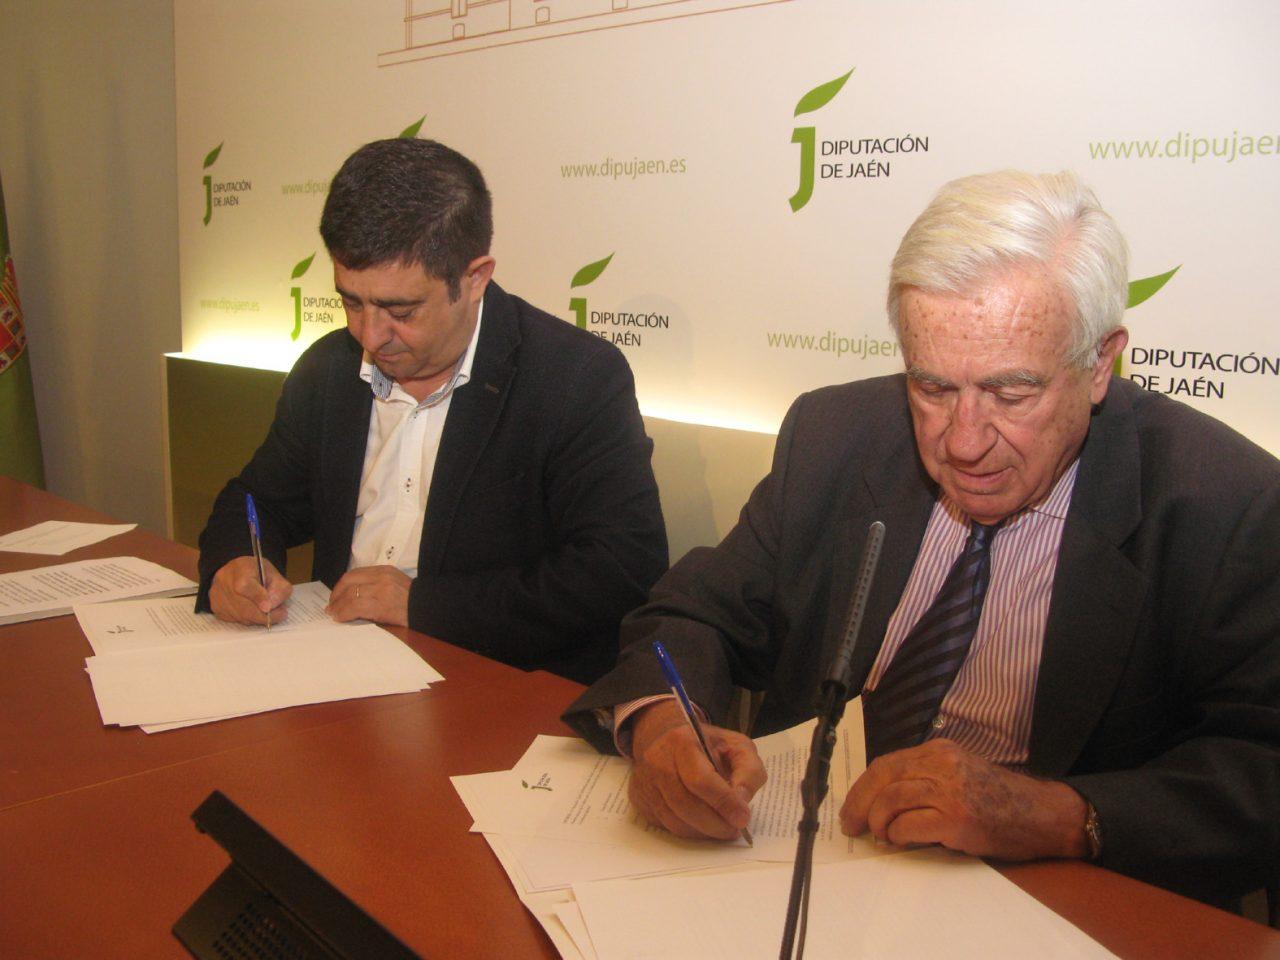 La Diputación de Jaén y la Asociación Rural Mediterránea colaborarán en actividades para la promoción del mundo rural